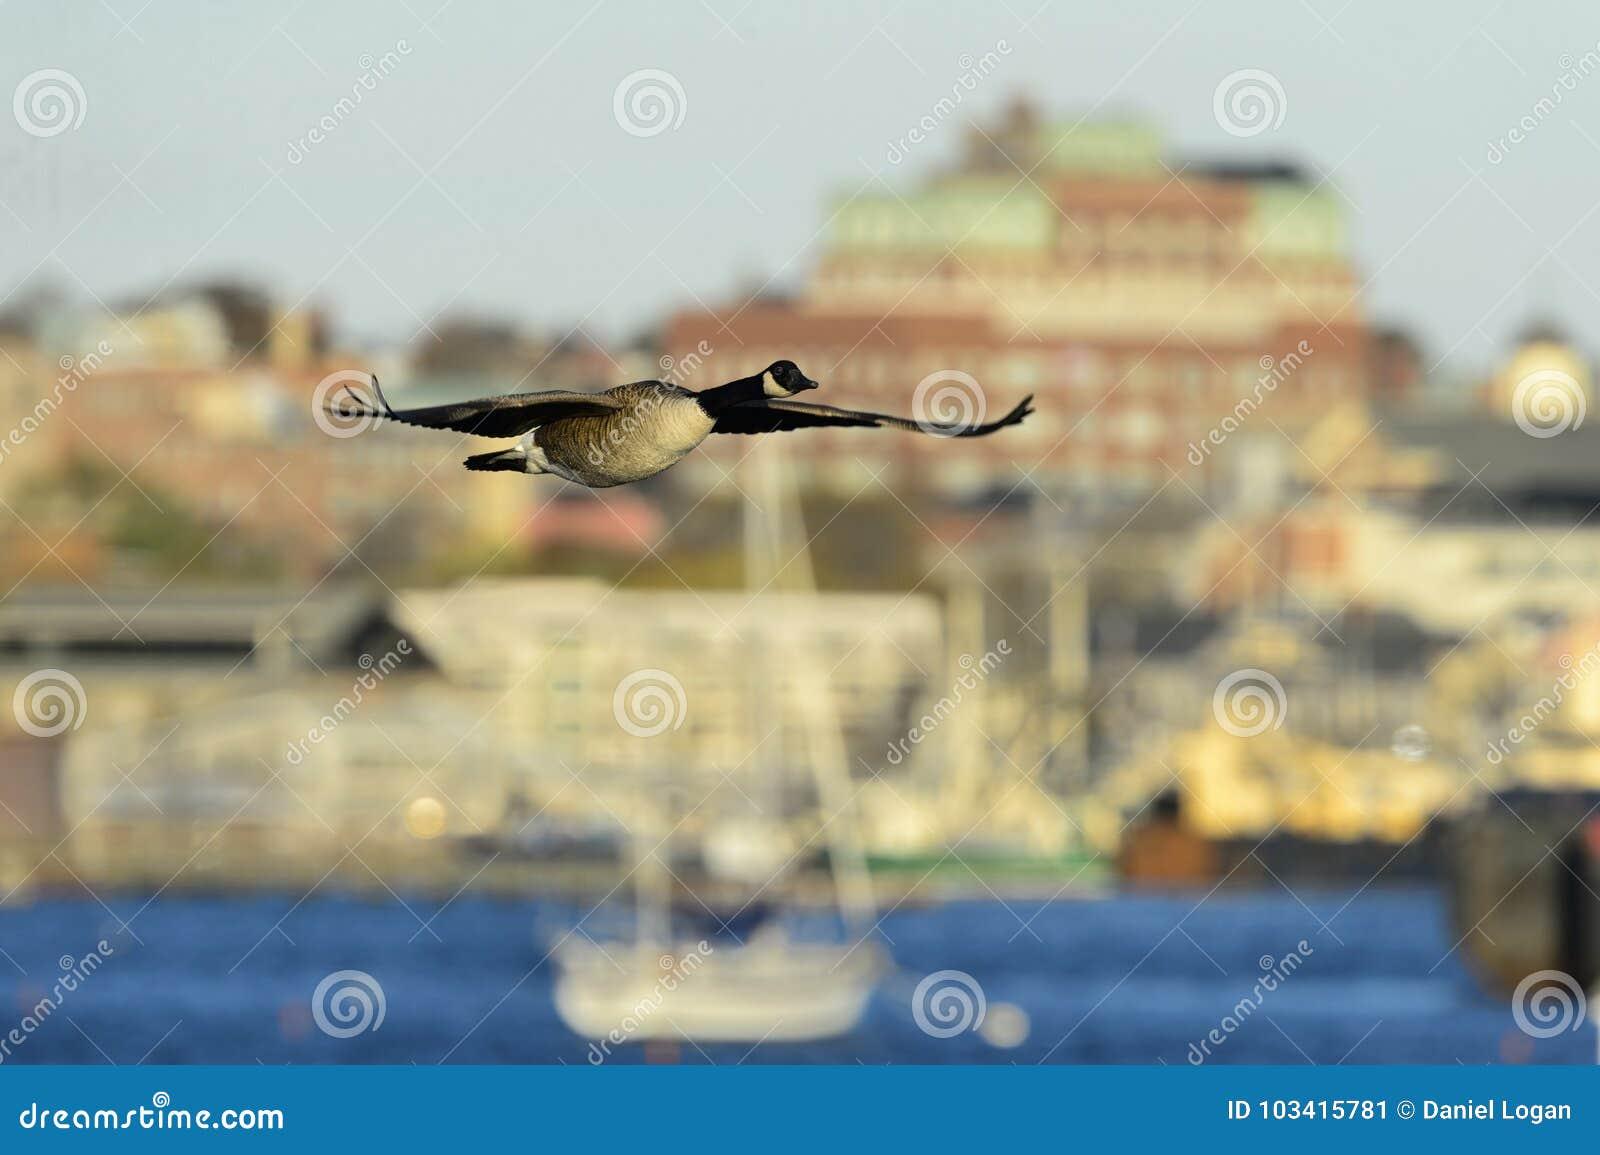 canada goose bristol